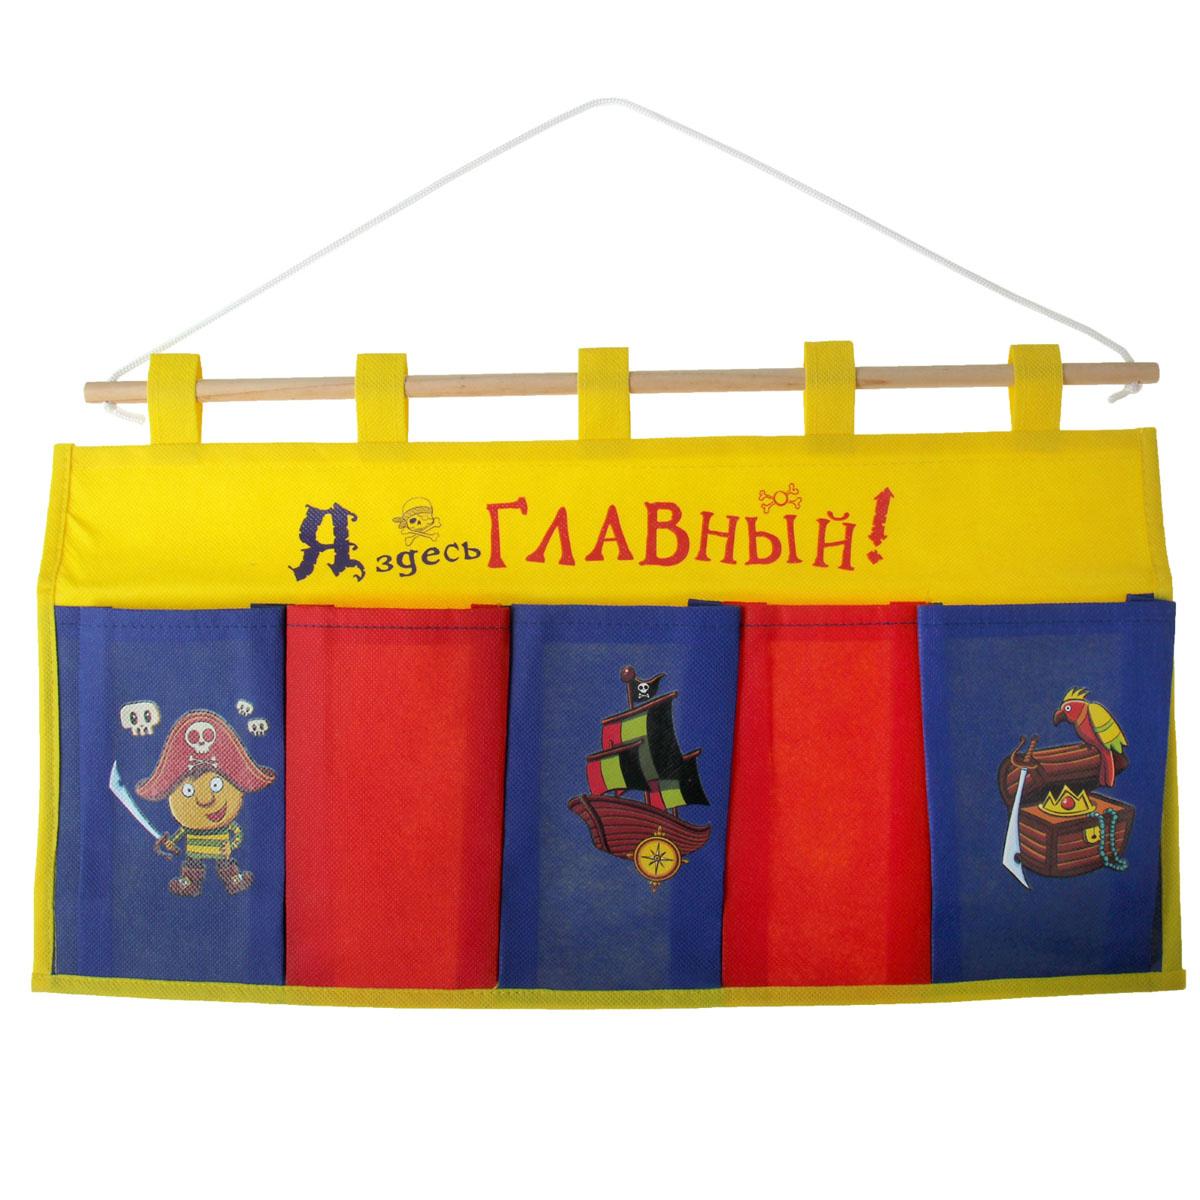 Кармашки на стену Sima-land Я здесь главный, цвет: синий, красный, желтый, 5 шт838305Кармашки на стену «Я здесь главный» предназначены для хранения необходимых вещей, множества мелочей в гардеробной, ванной, детской комнатах. Изделие выполнено из текстиля и представляет собой 5 сшитых между собой кармашков на ткани, которые, благодаря 5 петелькам, куда просовывается деревянная палочка на веревке, можно повесить в необходимом для вас и вашего ребенка месте. На кармашках имеются изображения в виде корабля, пирата, сундука и надпись «Я здесь главный!». Этот нужный предмет может стать одновременно и декоративным элементом комнаты. Яркий текстиль, как ничто иное, способен оживить интерьер вашего жилища и сделает каждый день ярче и радостнее.